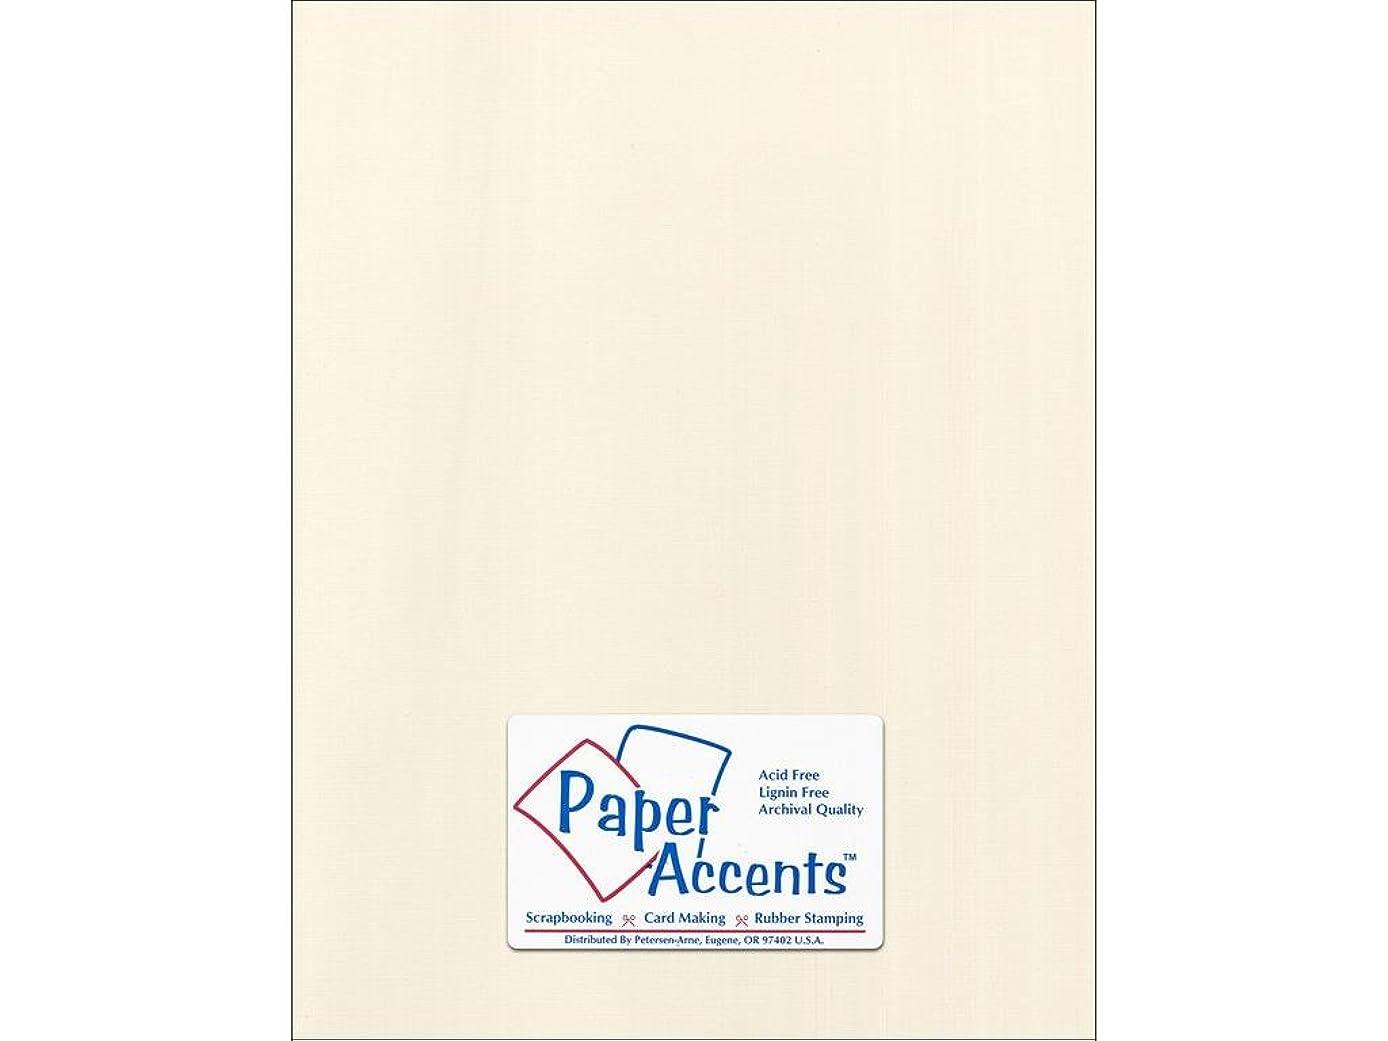 Accent Design Paper Accents Cdstk Canvas 8.5x11 80# Ecru